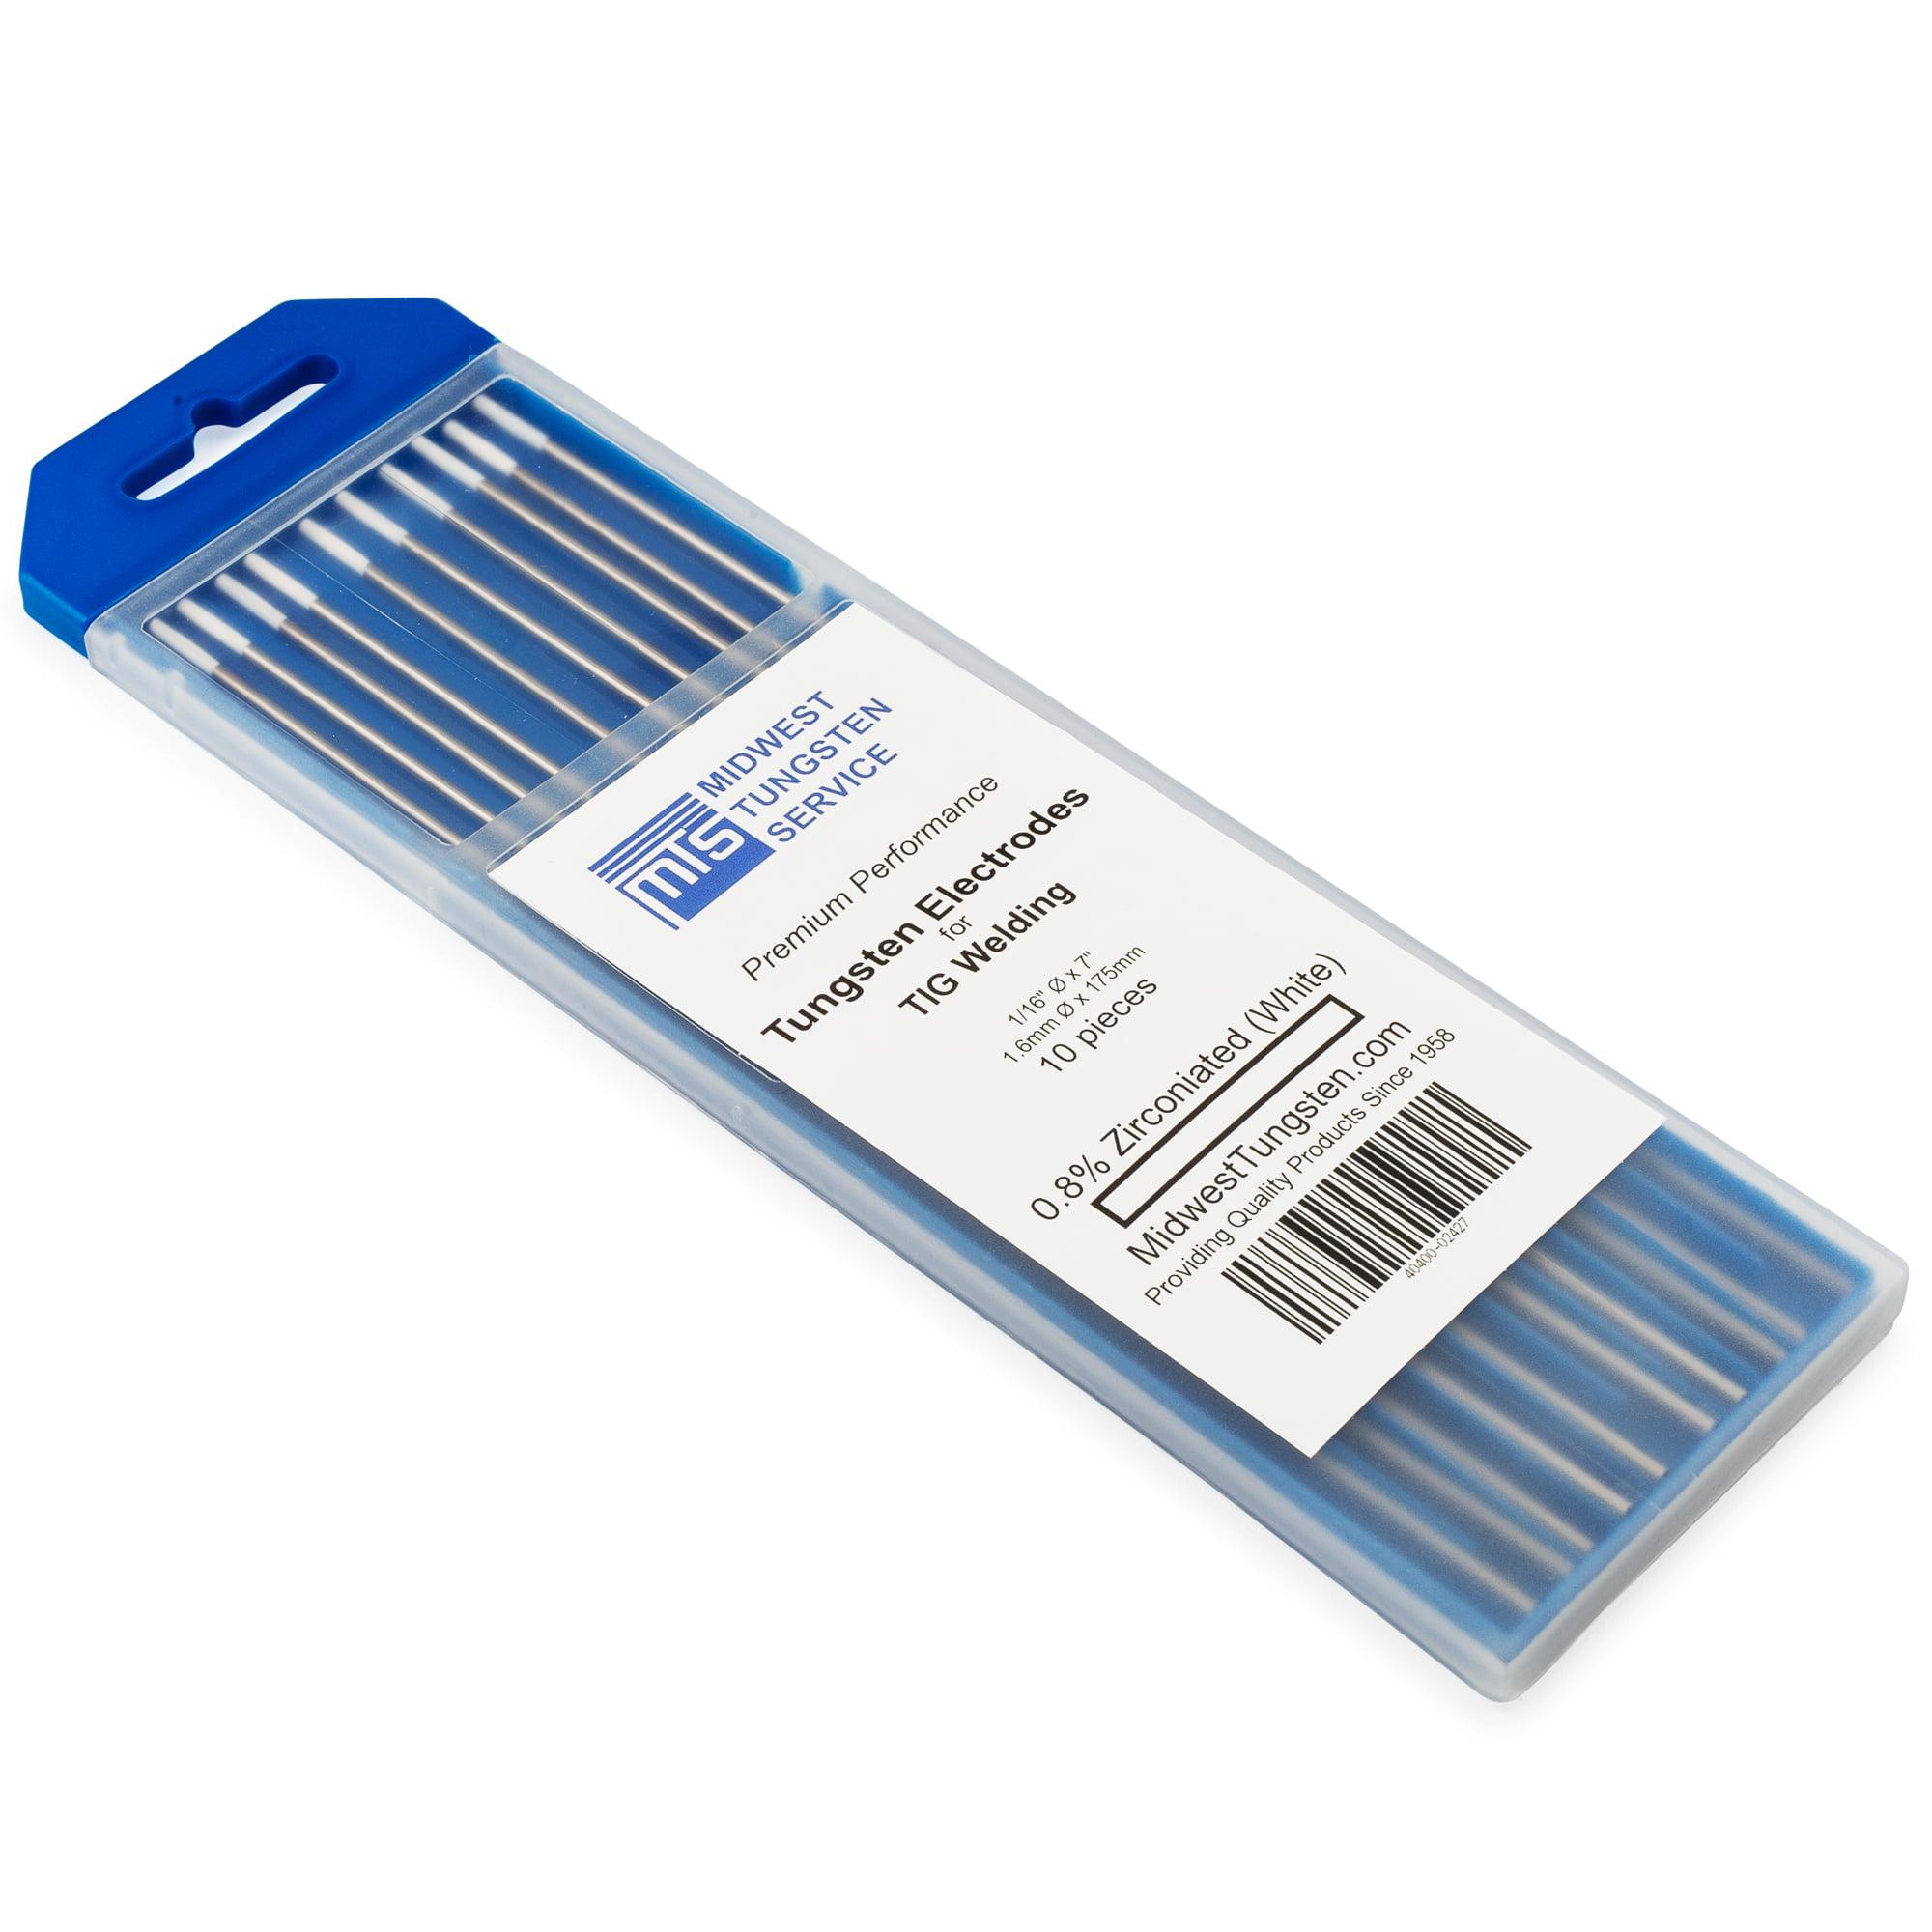 """TIG Welding Tungsten Electrodes 0.8% Zirconiated 1/16"""" x 7"""" (White, WZ8) 10-Pack"""